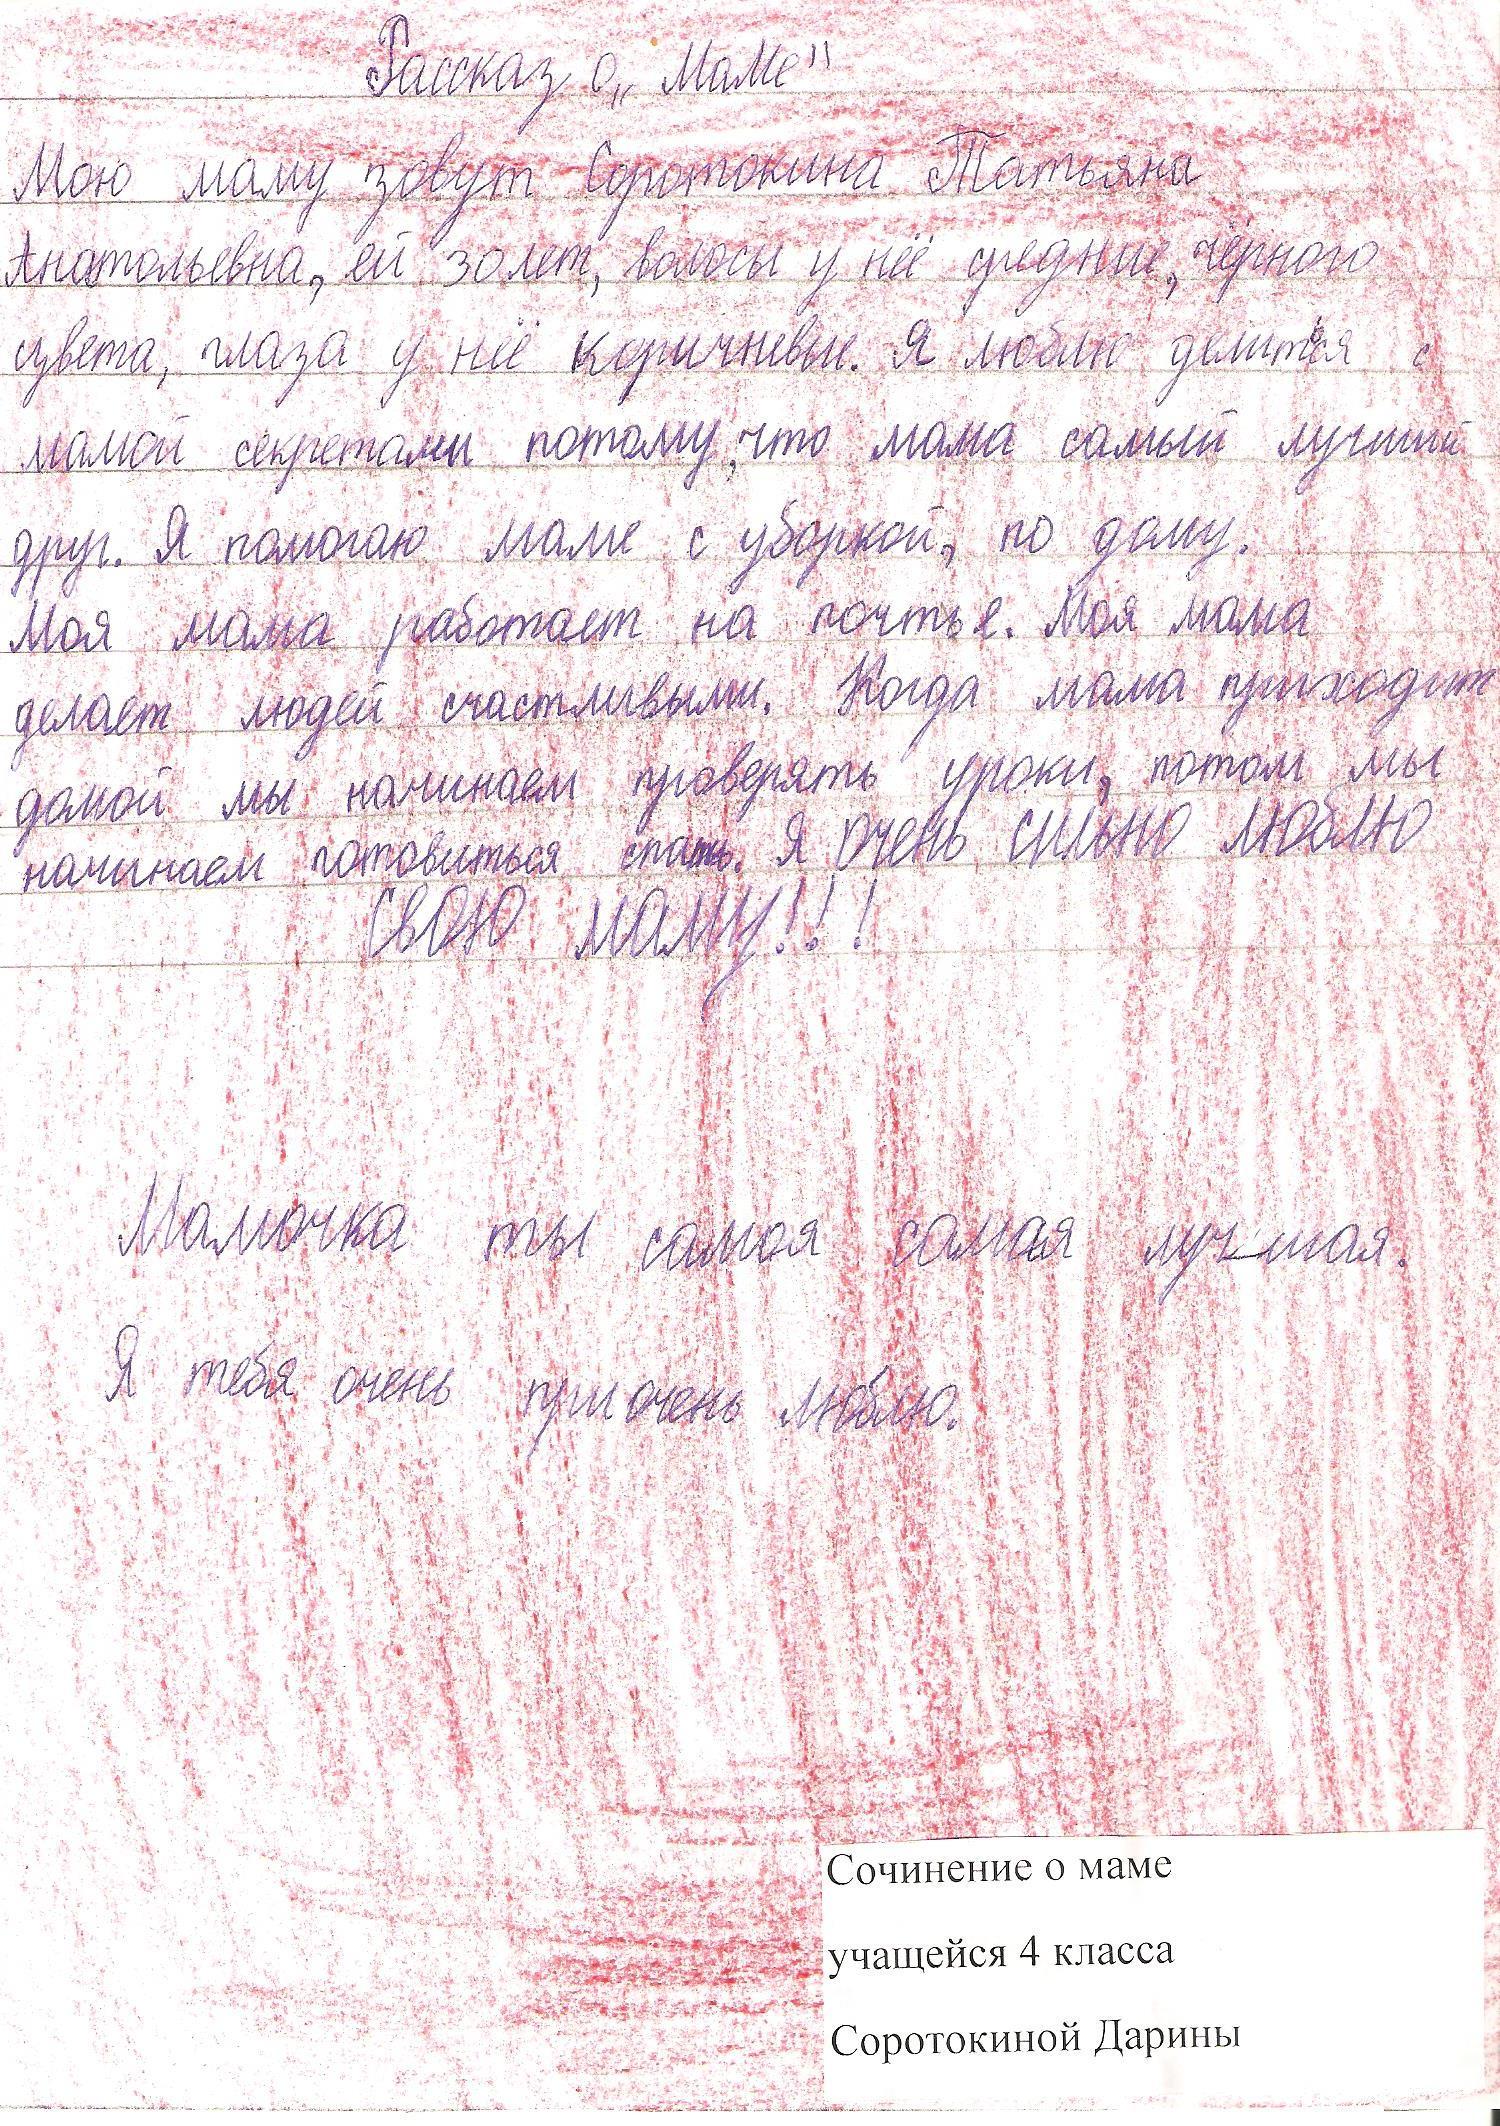 C:\Users\11\Desktop\стихотворения и сочинения о маме\001.jpg